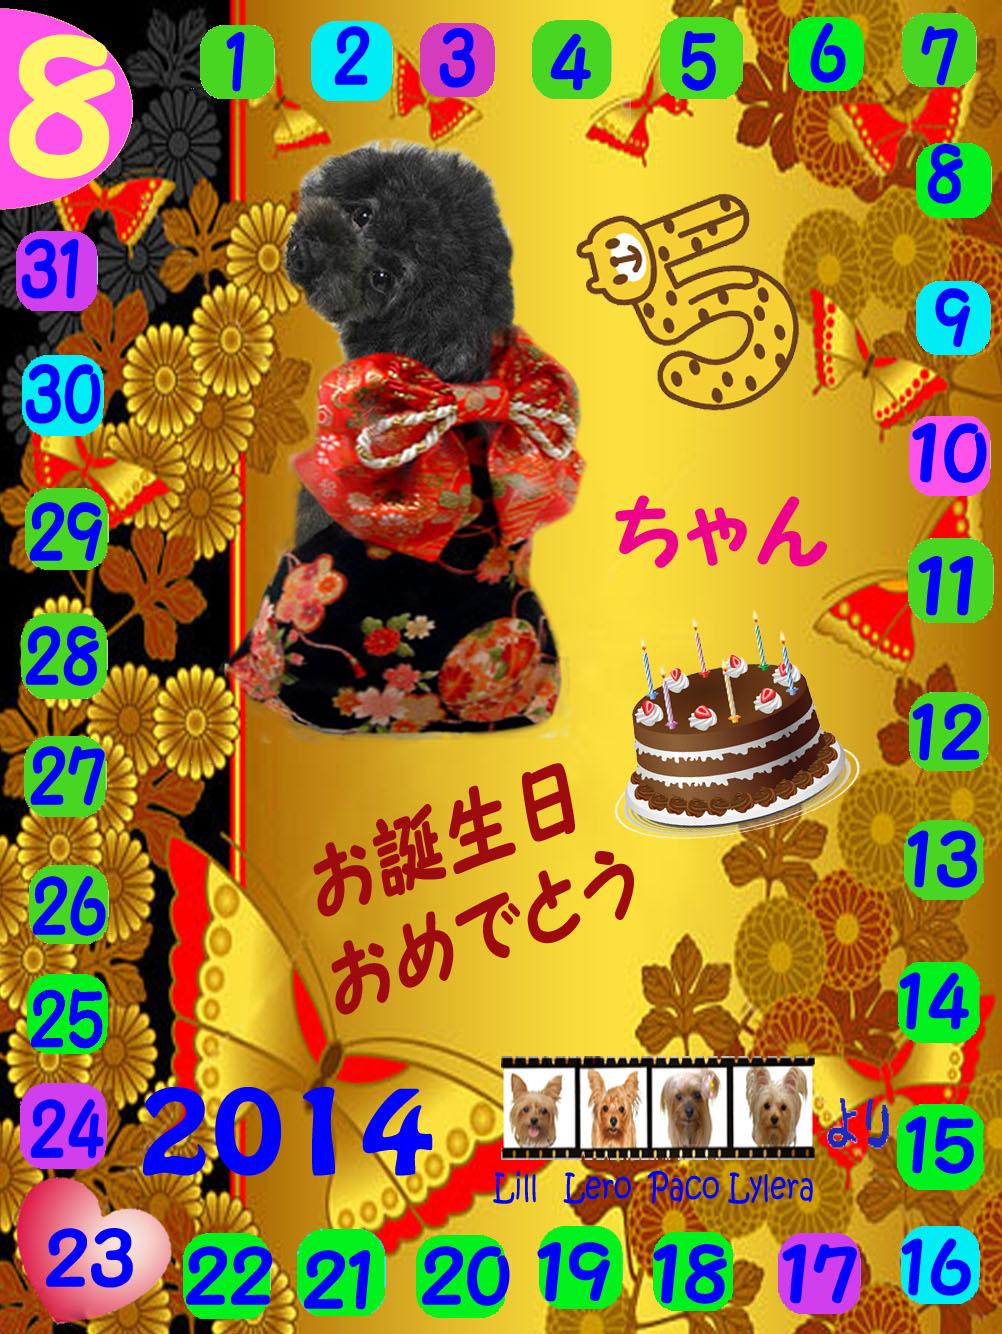 08-23-2014ナッツちゃん誕生日カード